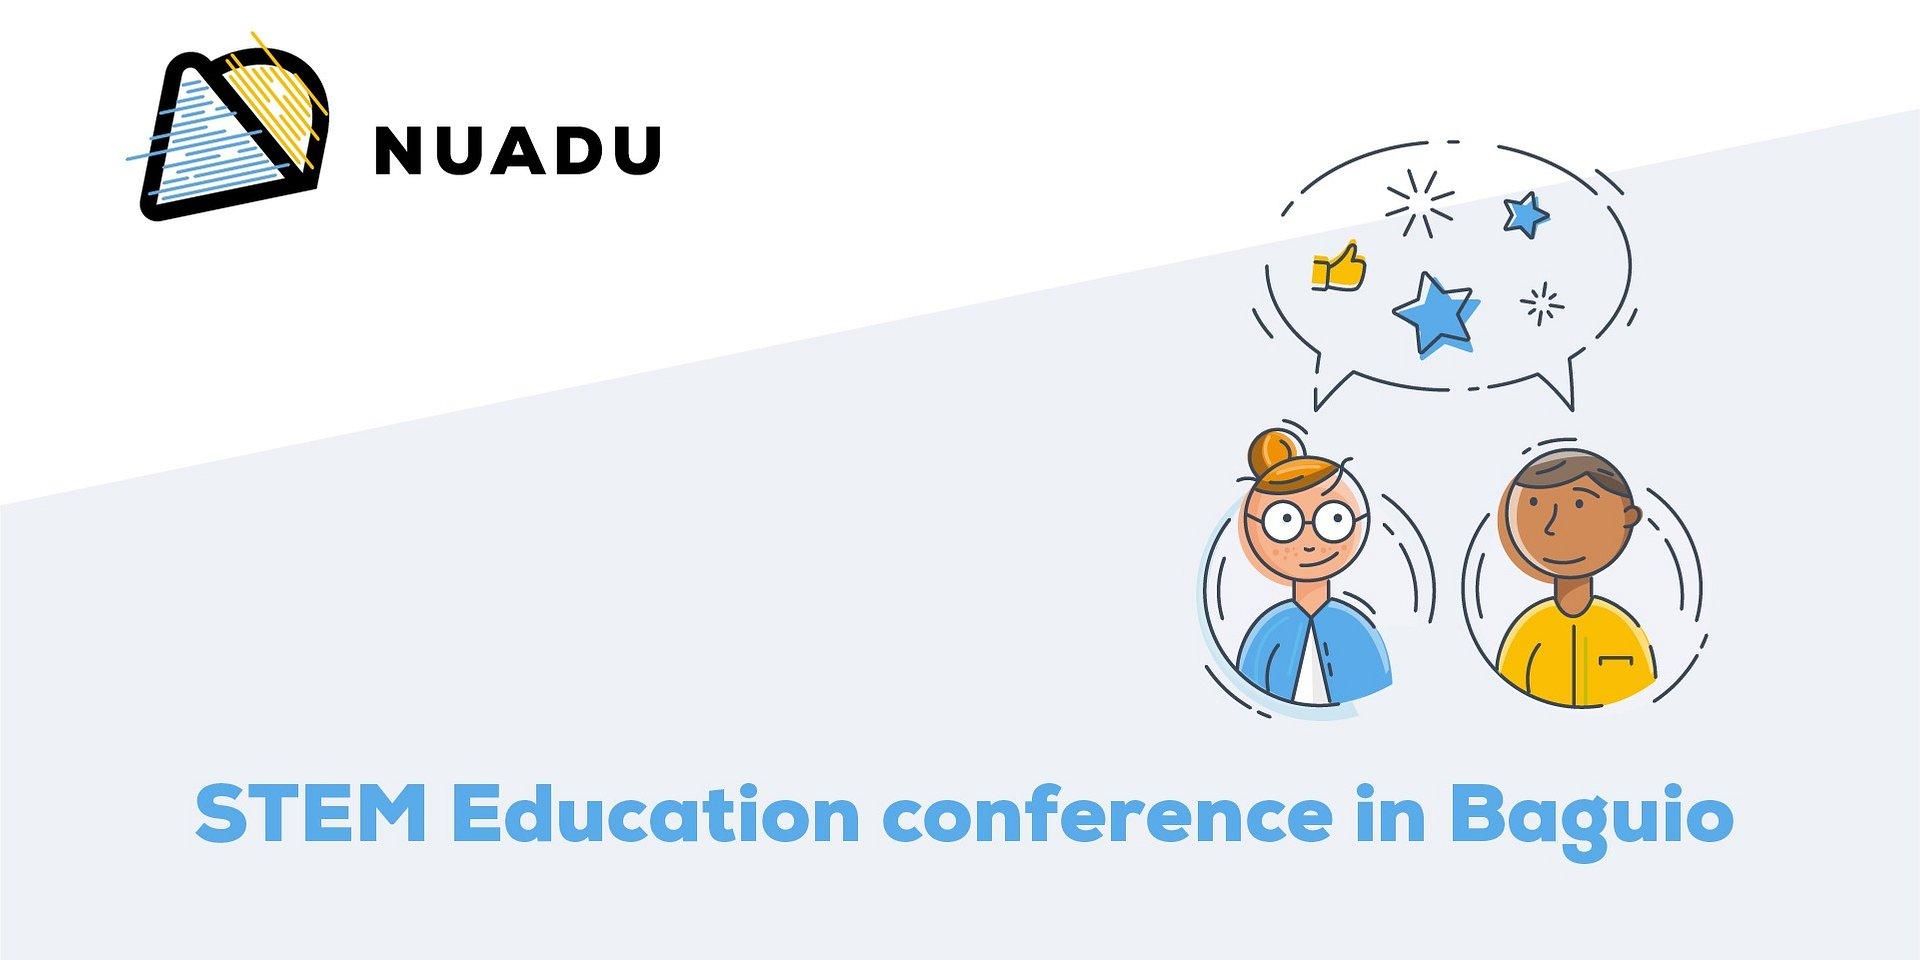 STEM Education and NUADU